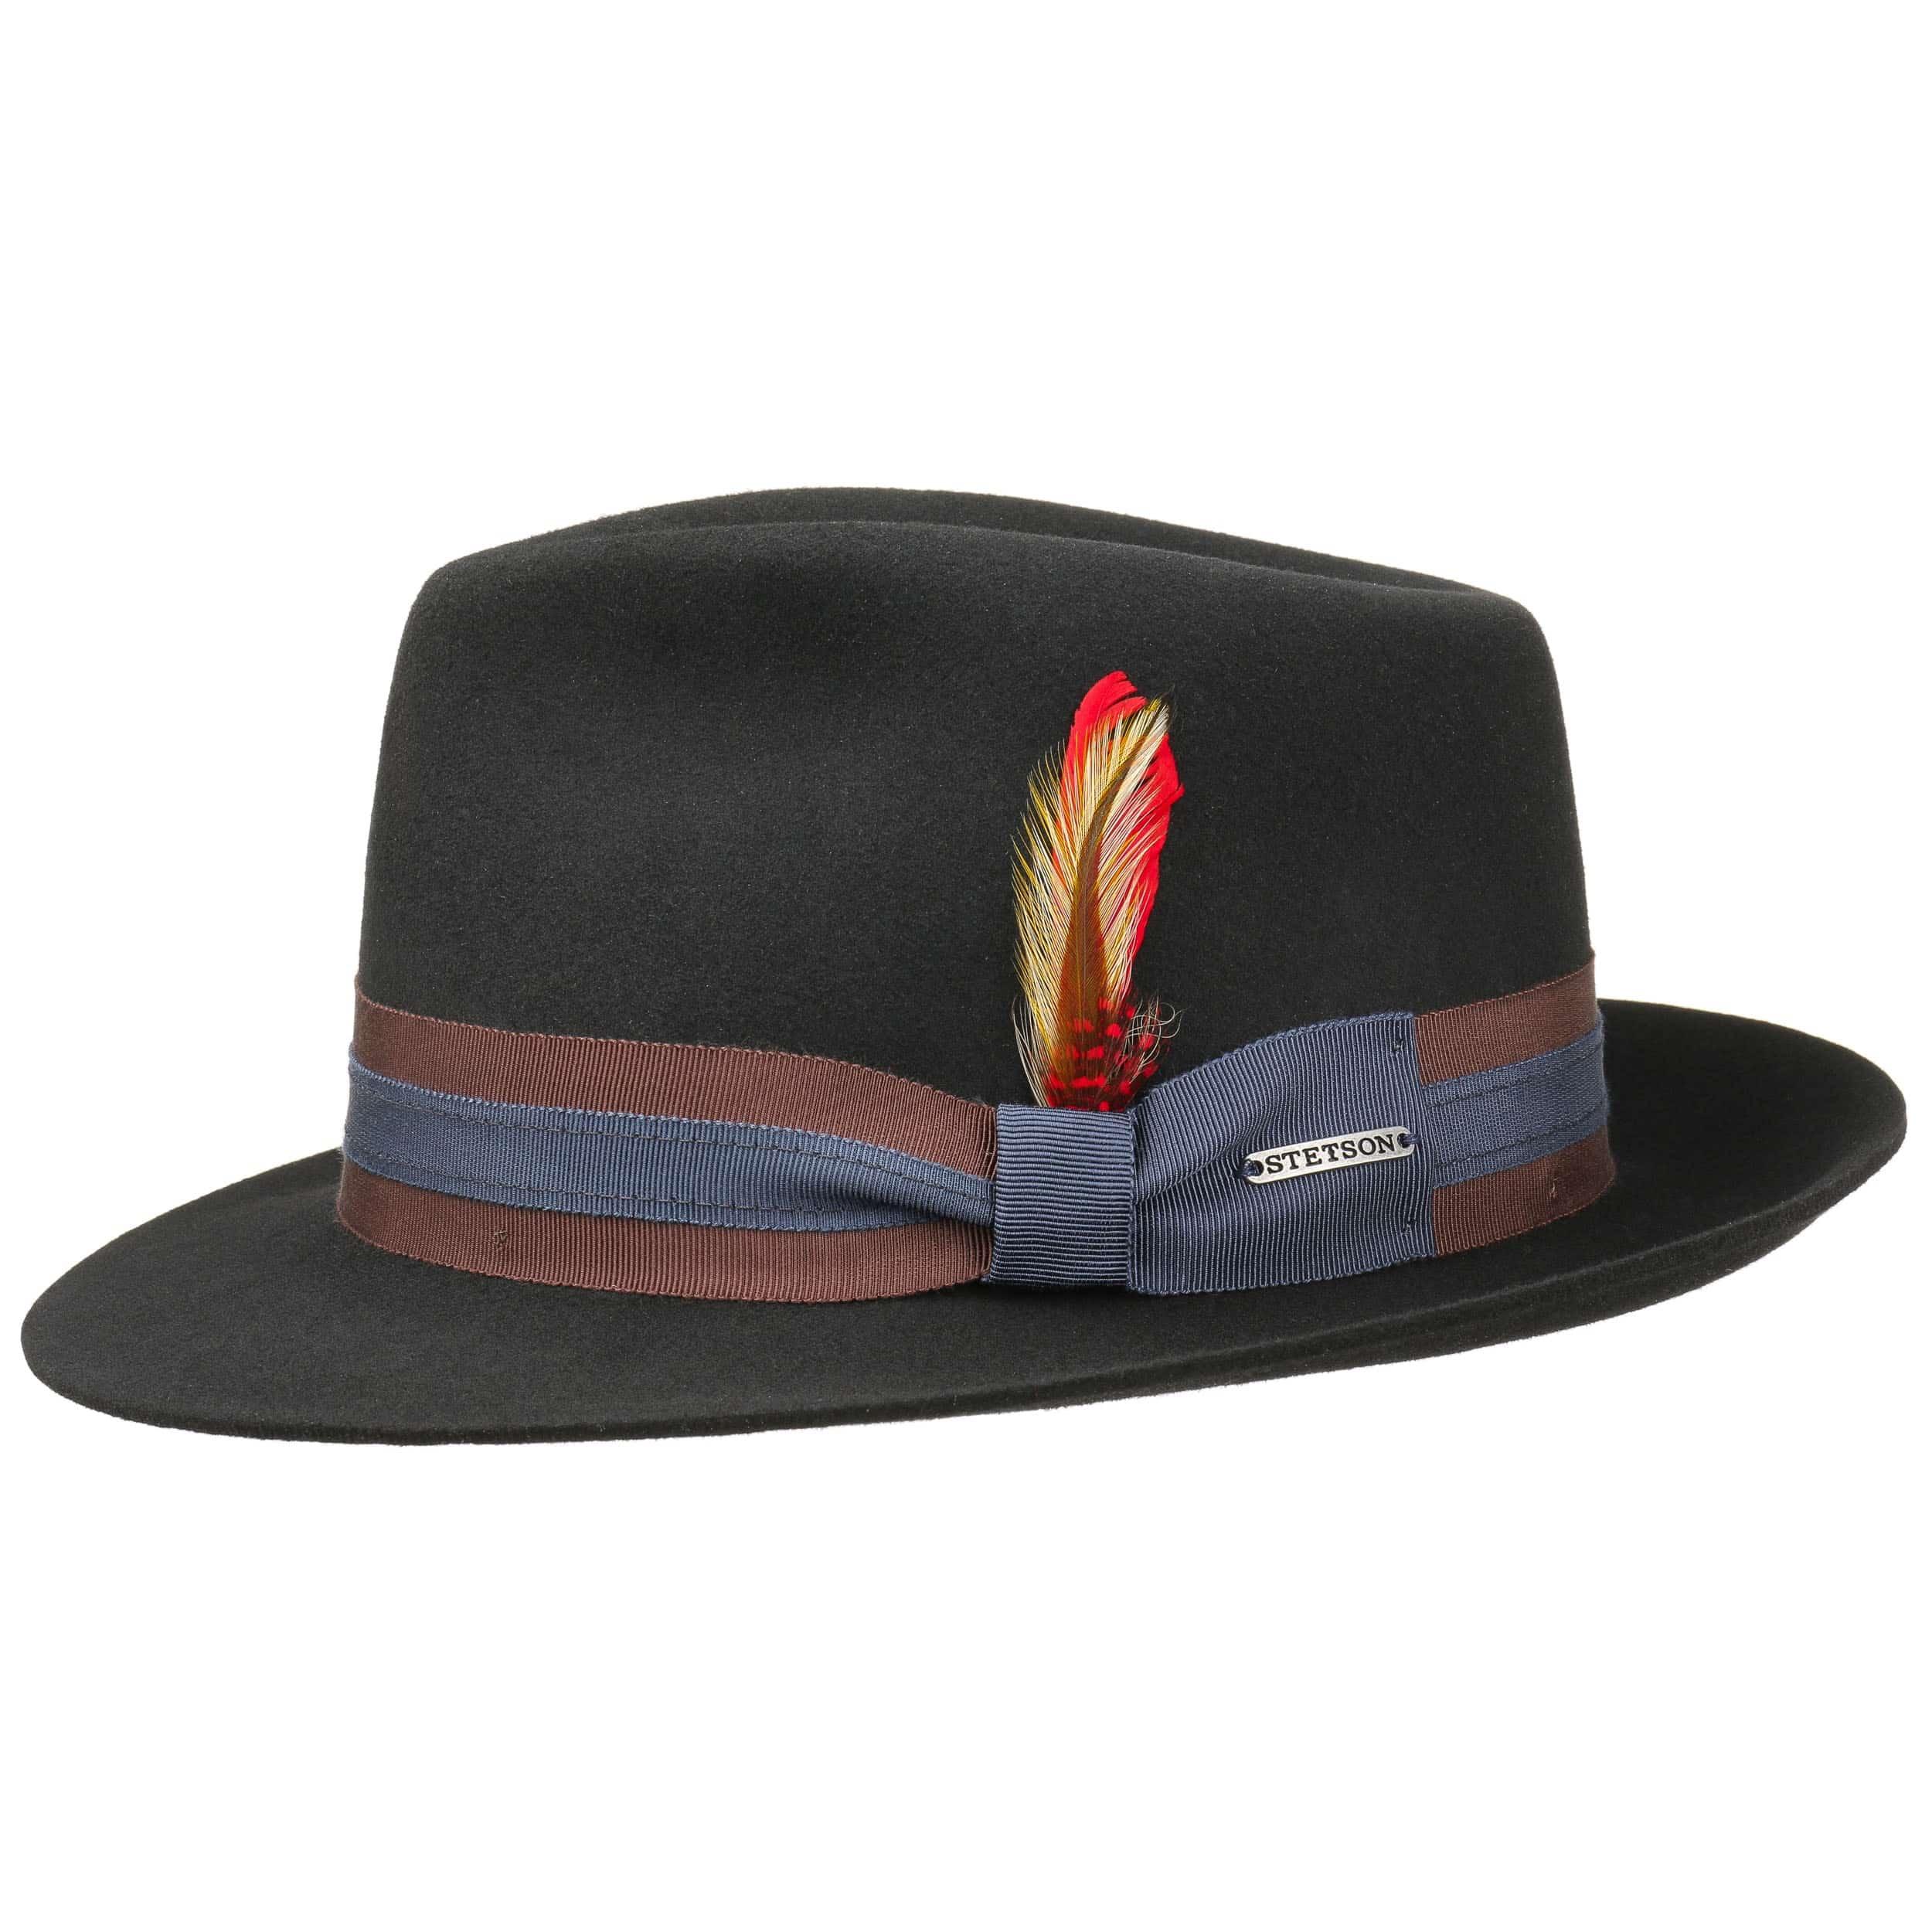 ... Delacroix VitaFelt Fedora Hat by Stetson - black 7 ... a57145f56c2